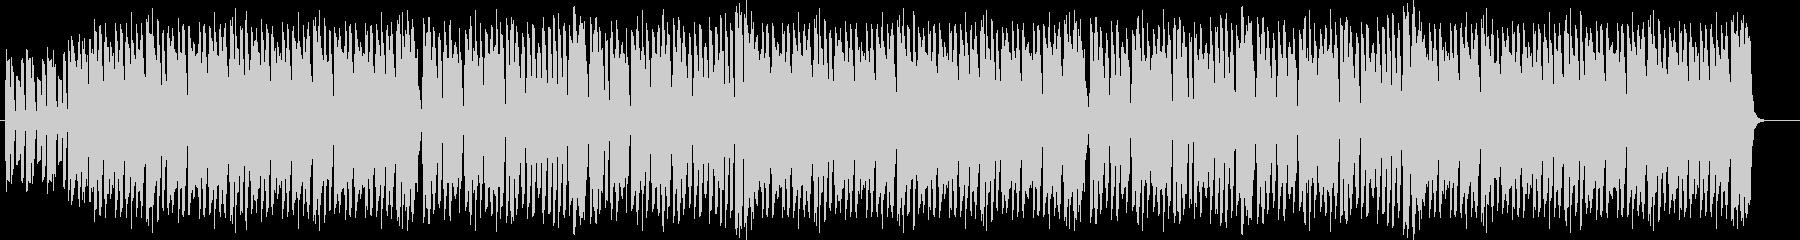 コミカルで、ゆるいハロウィンBGMの未再生の波形